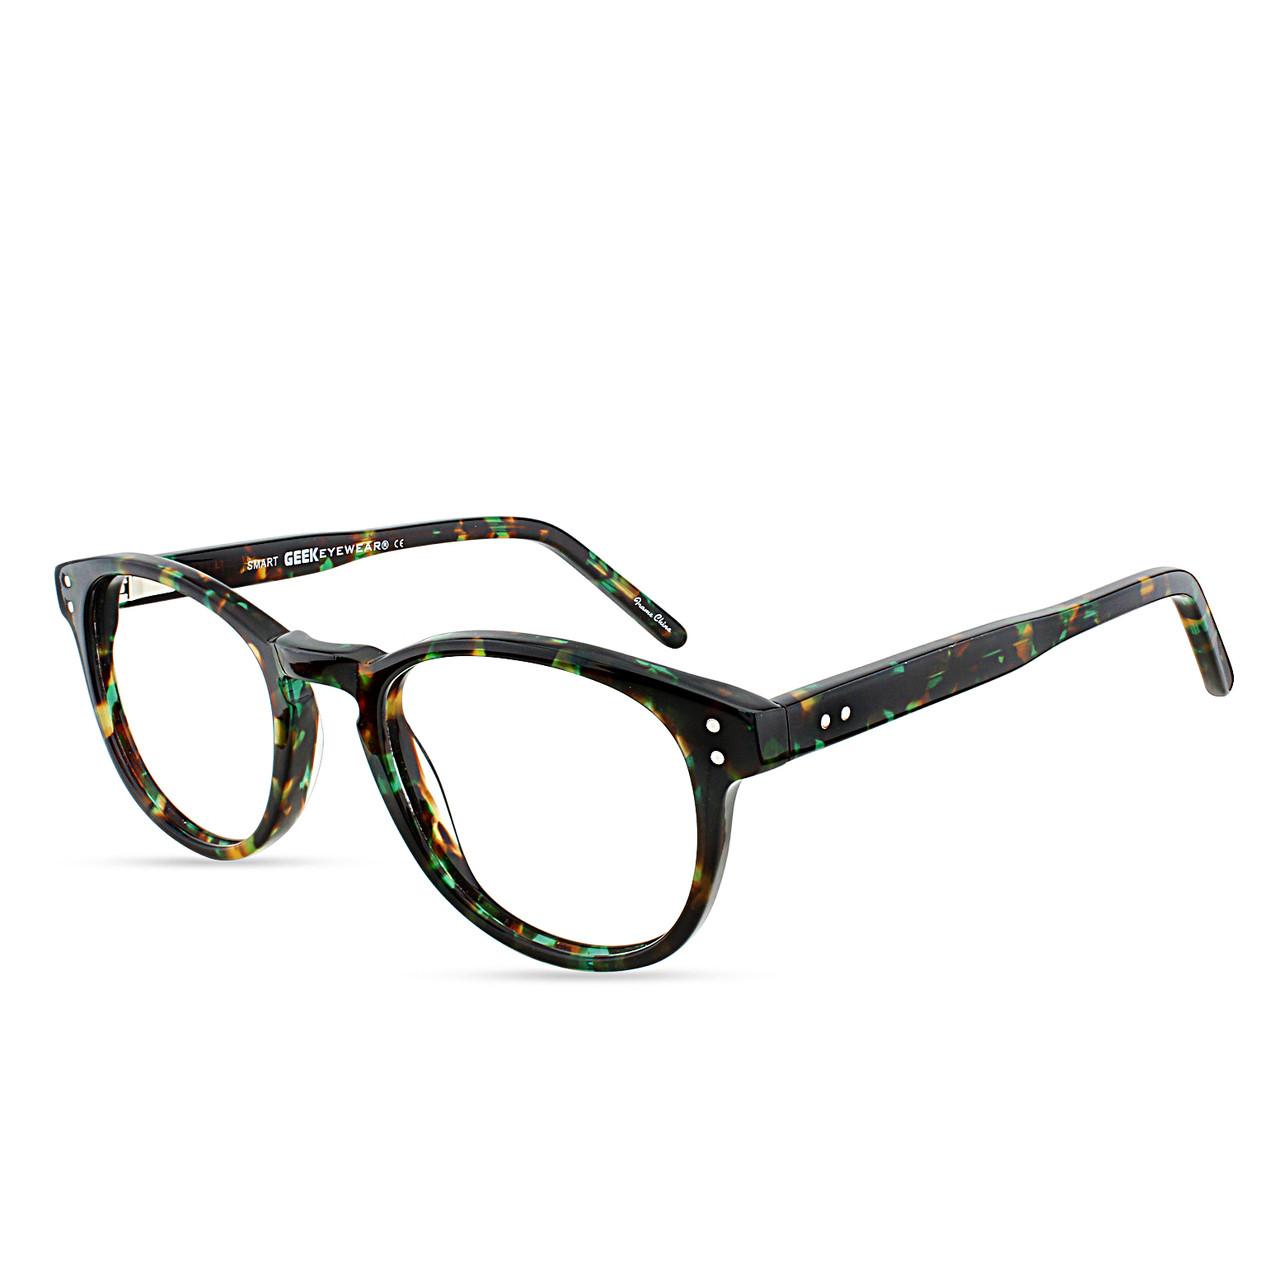 GEEK Eyewear Style Smart Olive